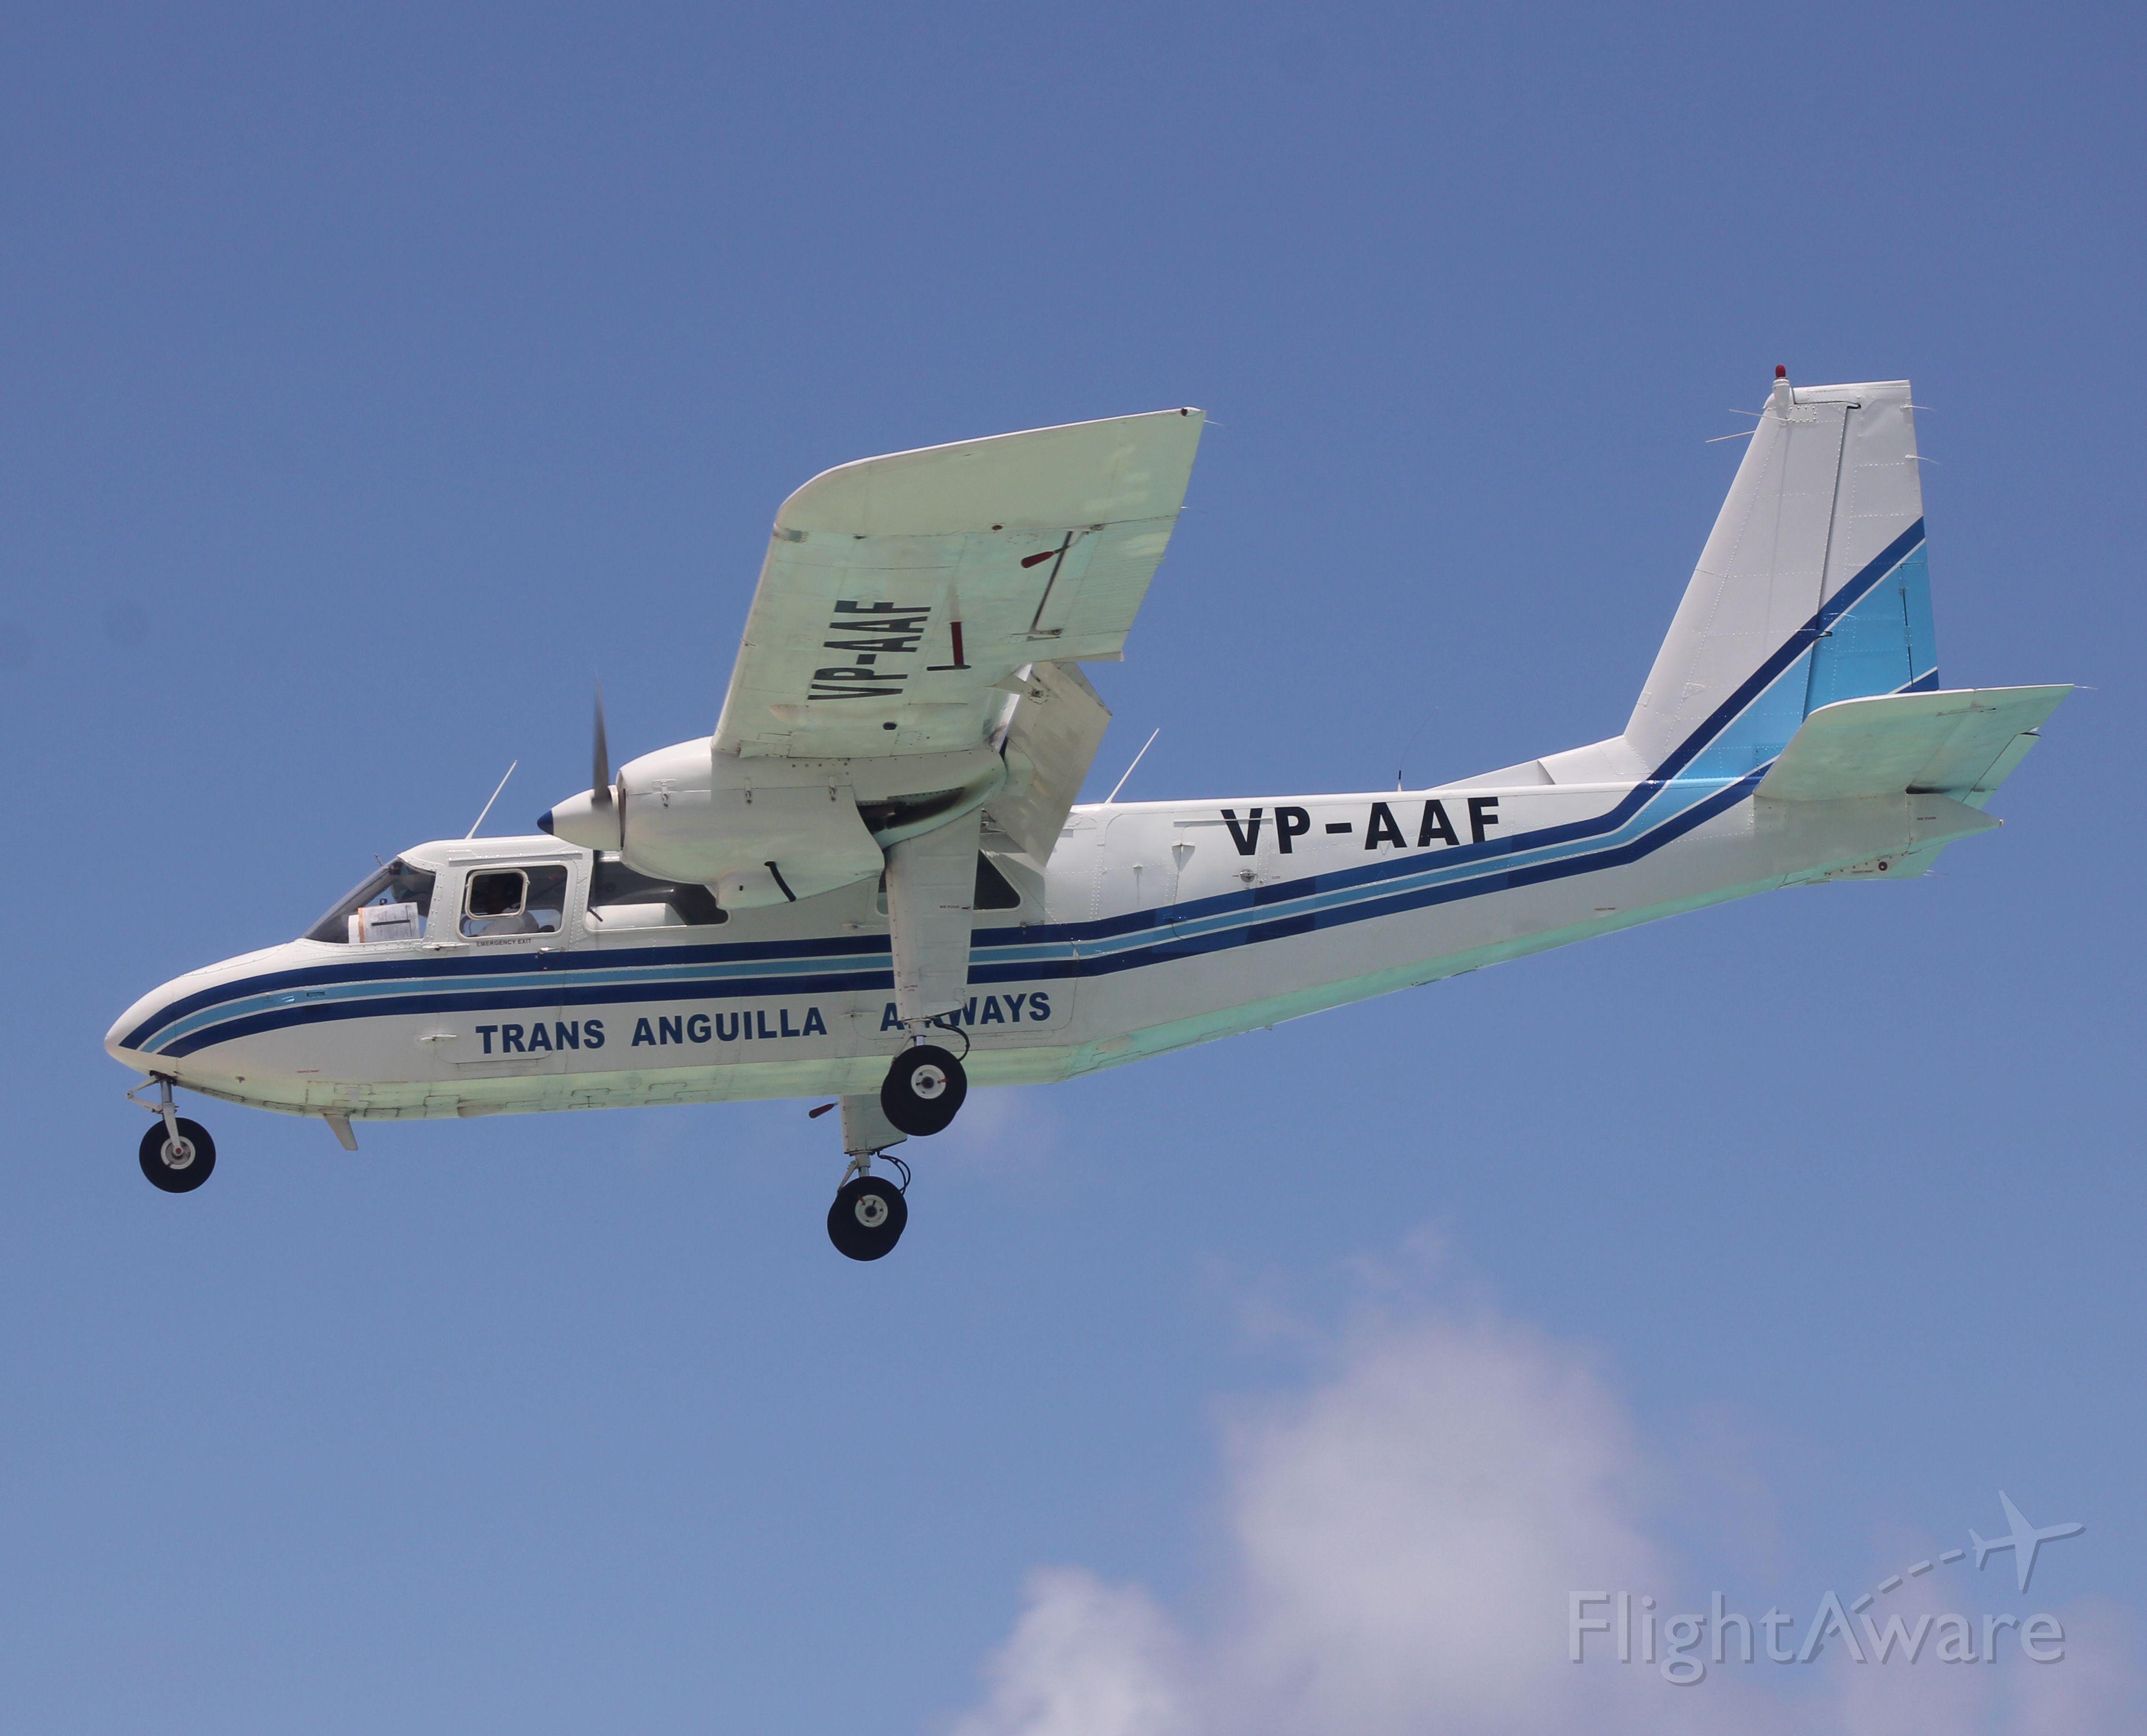 VP-AAF — - One perfect shot of a briten norman islander landing in Sint maarten